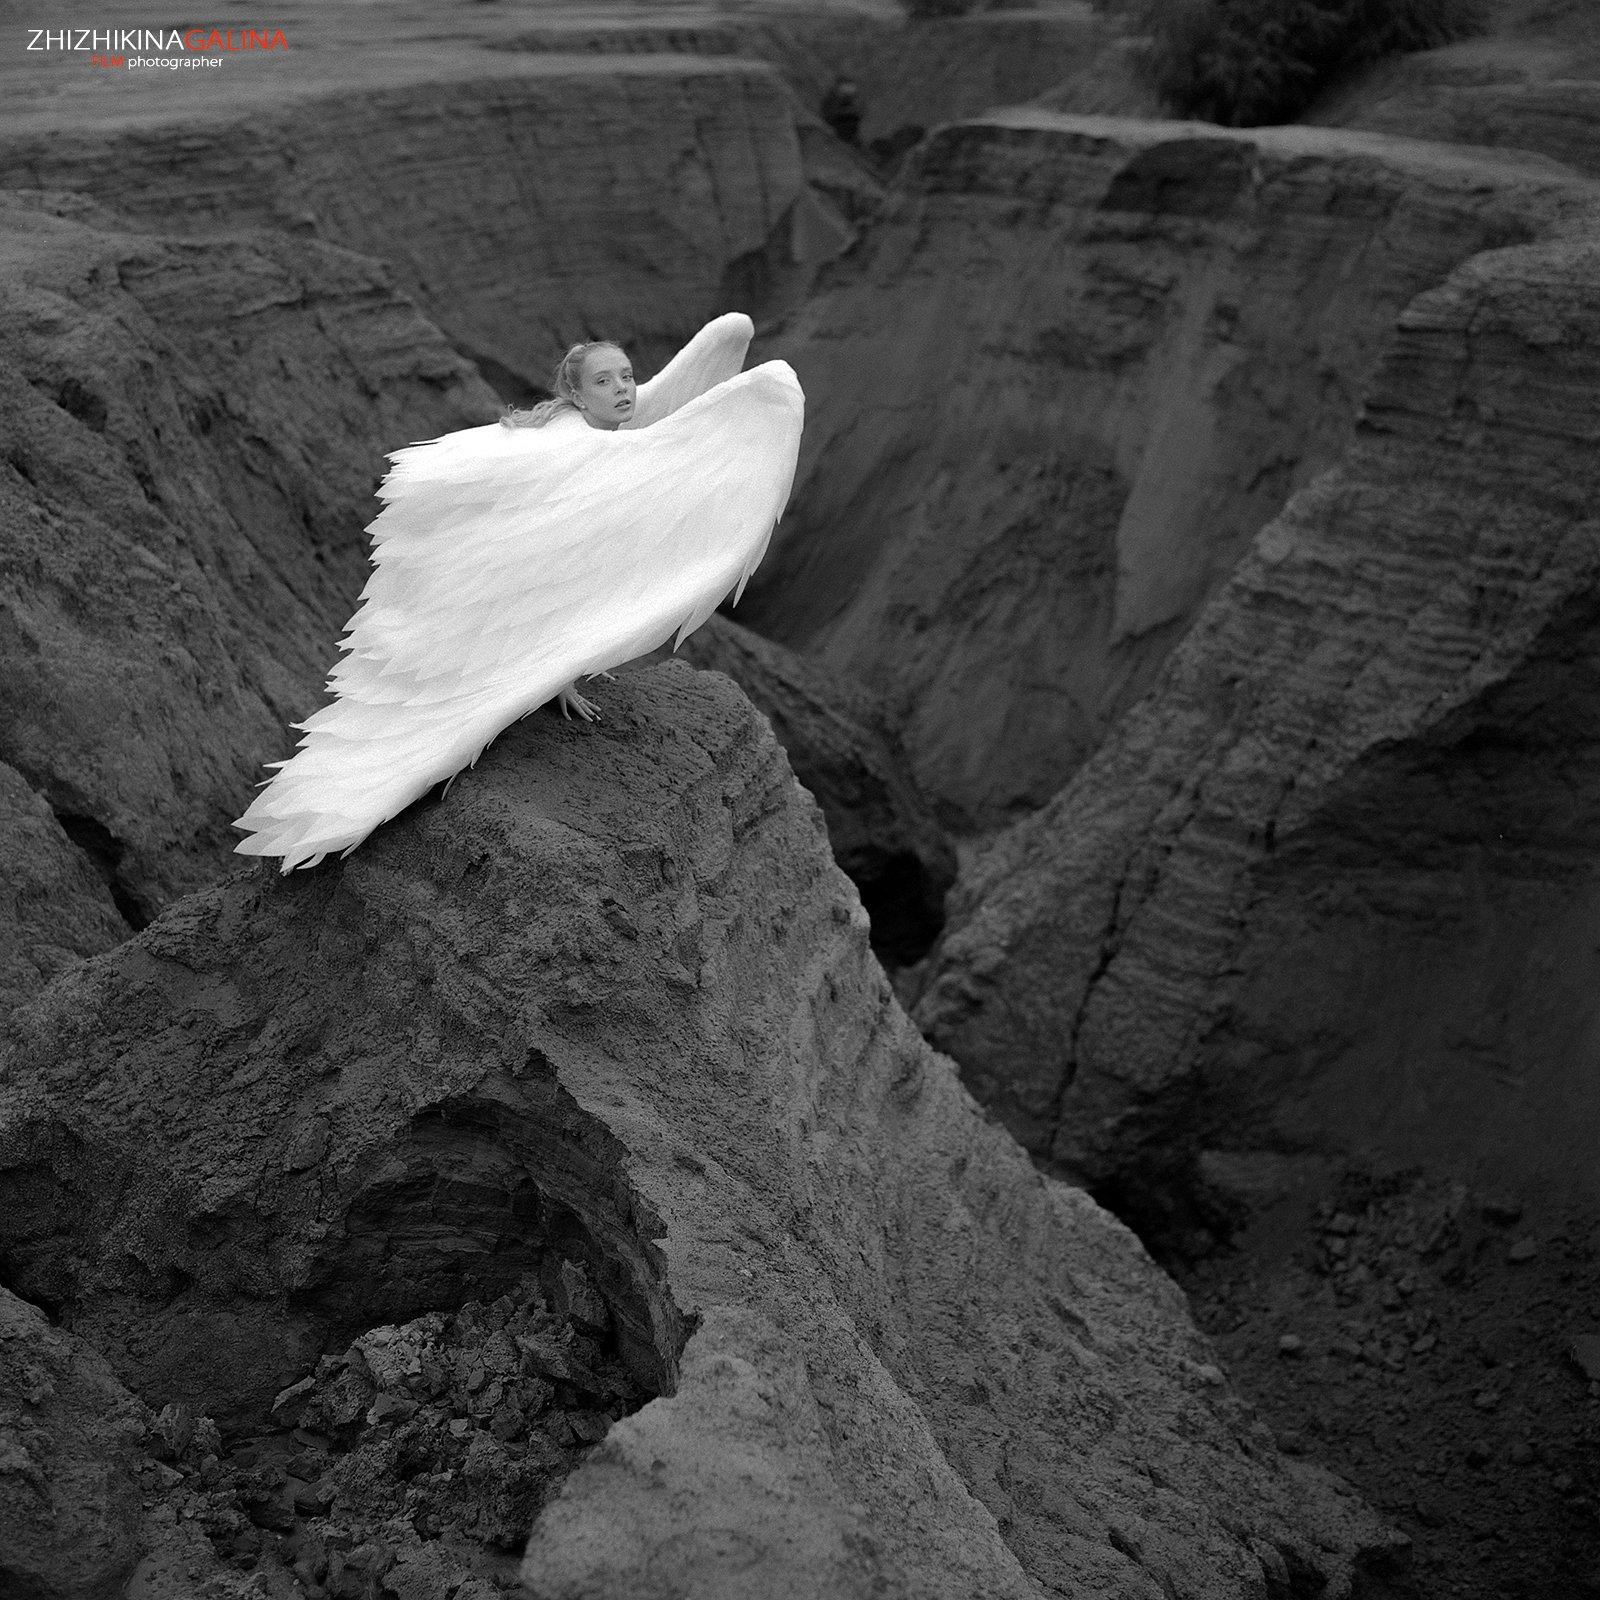 ангел, крылья, девушка, портрет, чб, черно-белое, фото, фотография, пленка, фотограф, москва, angel, film, bw, girl, art, portrait, Галина Жижикина